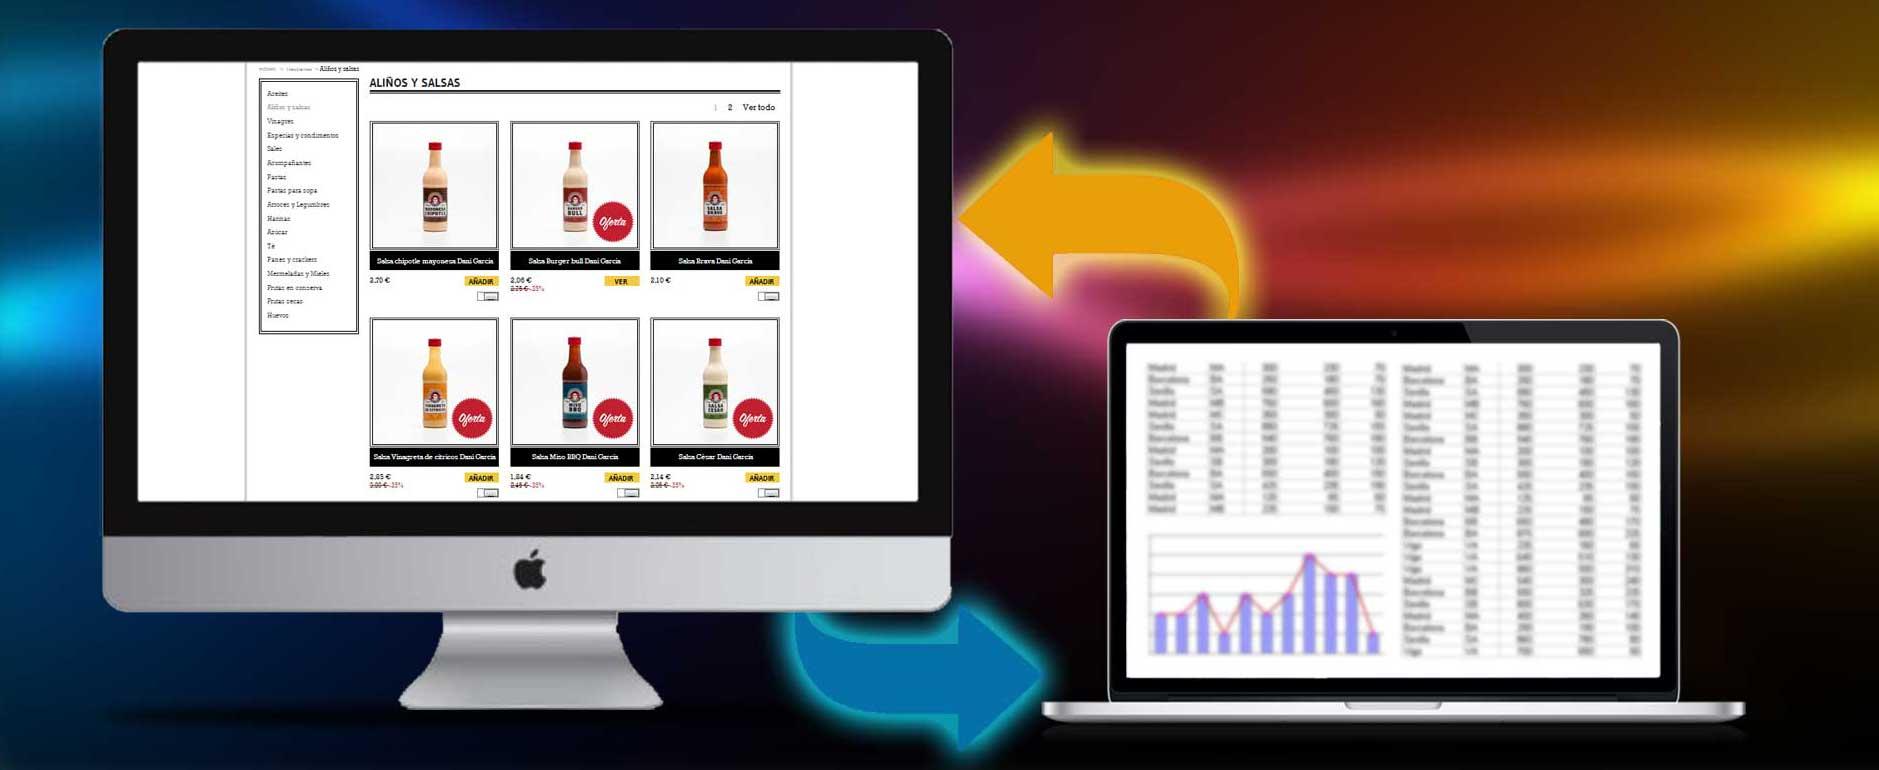 Claves-para-internacionalizar-un-ecommerce2